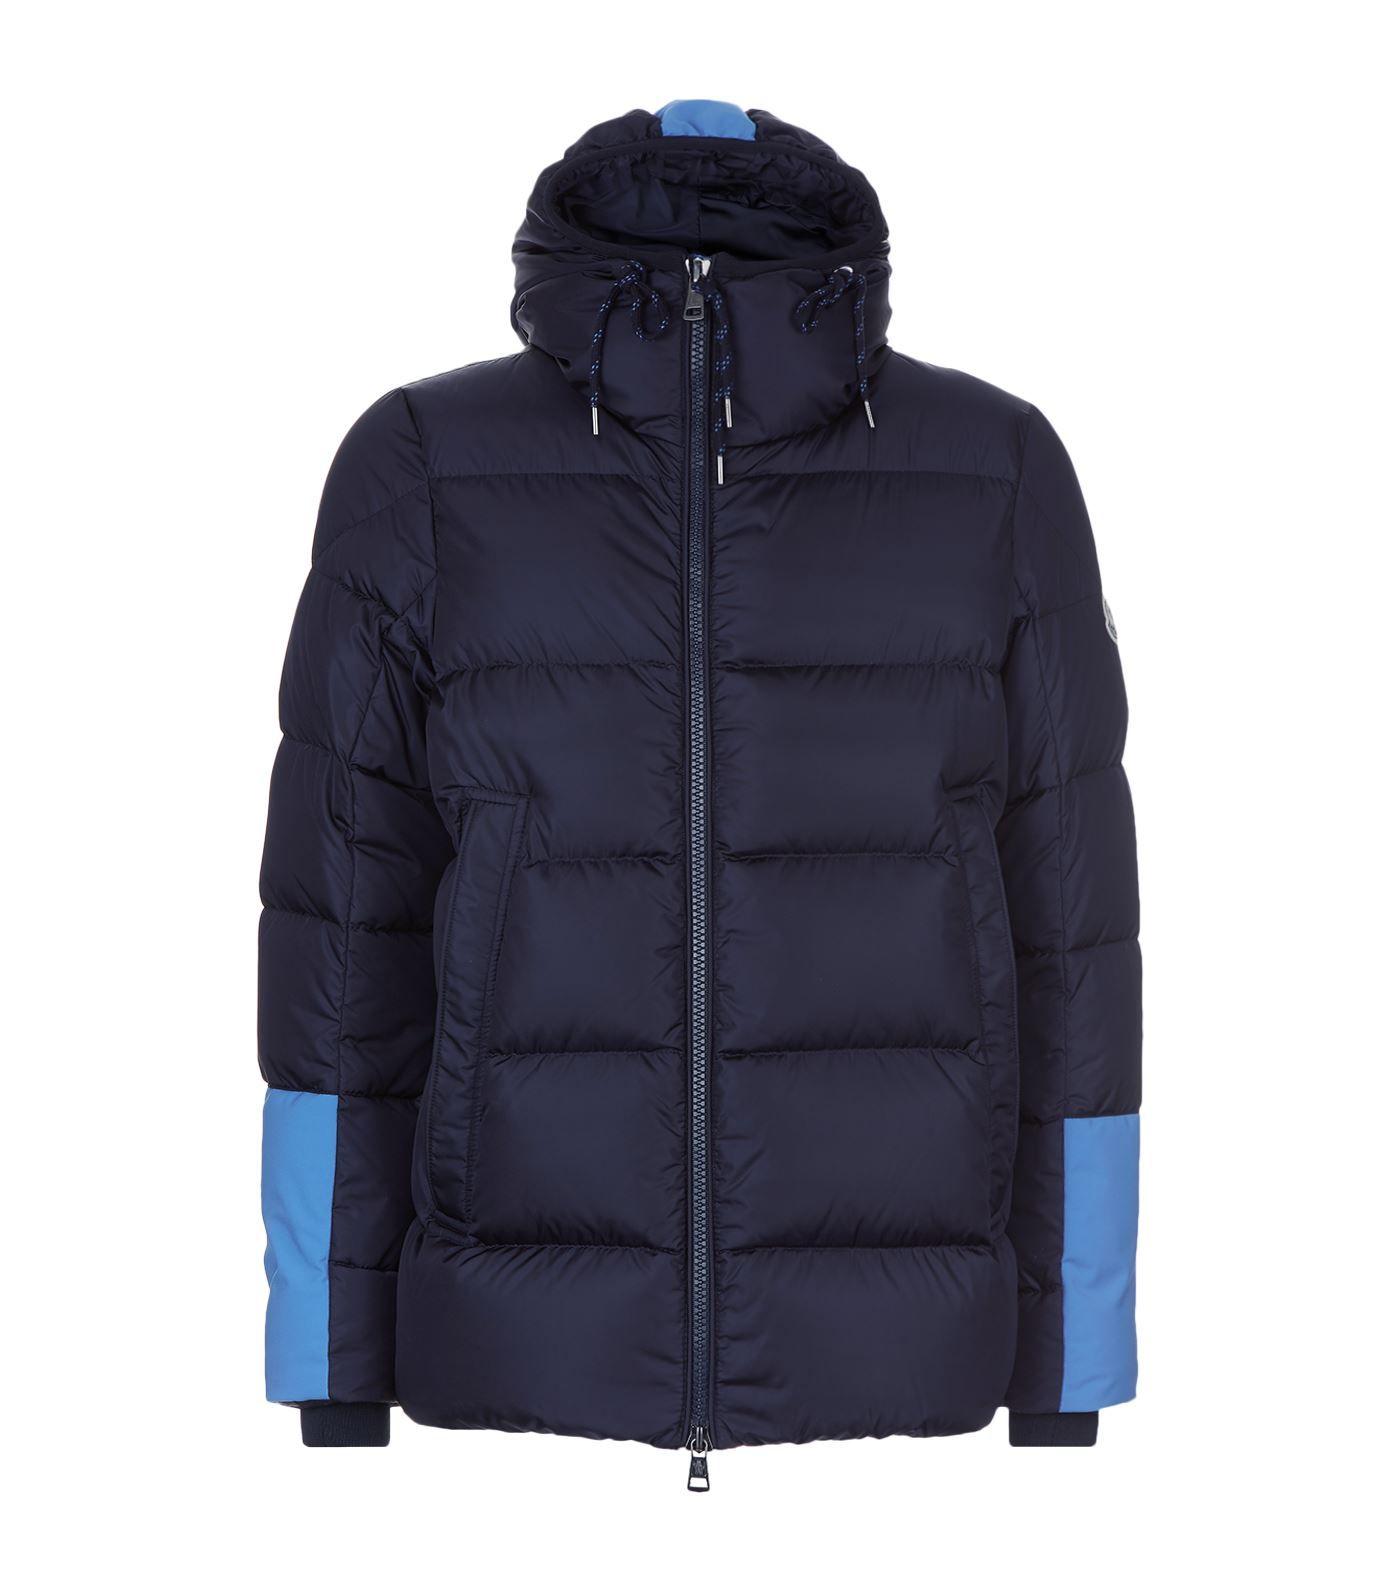 moncler jacket hotline bling